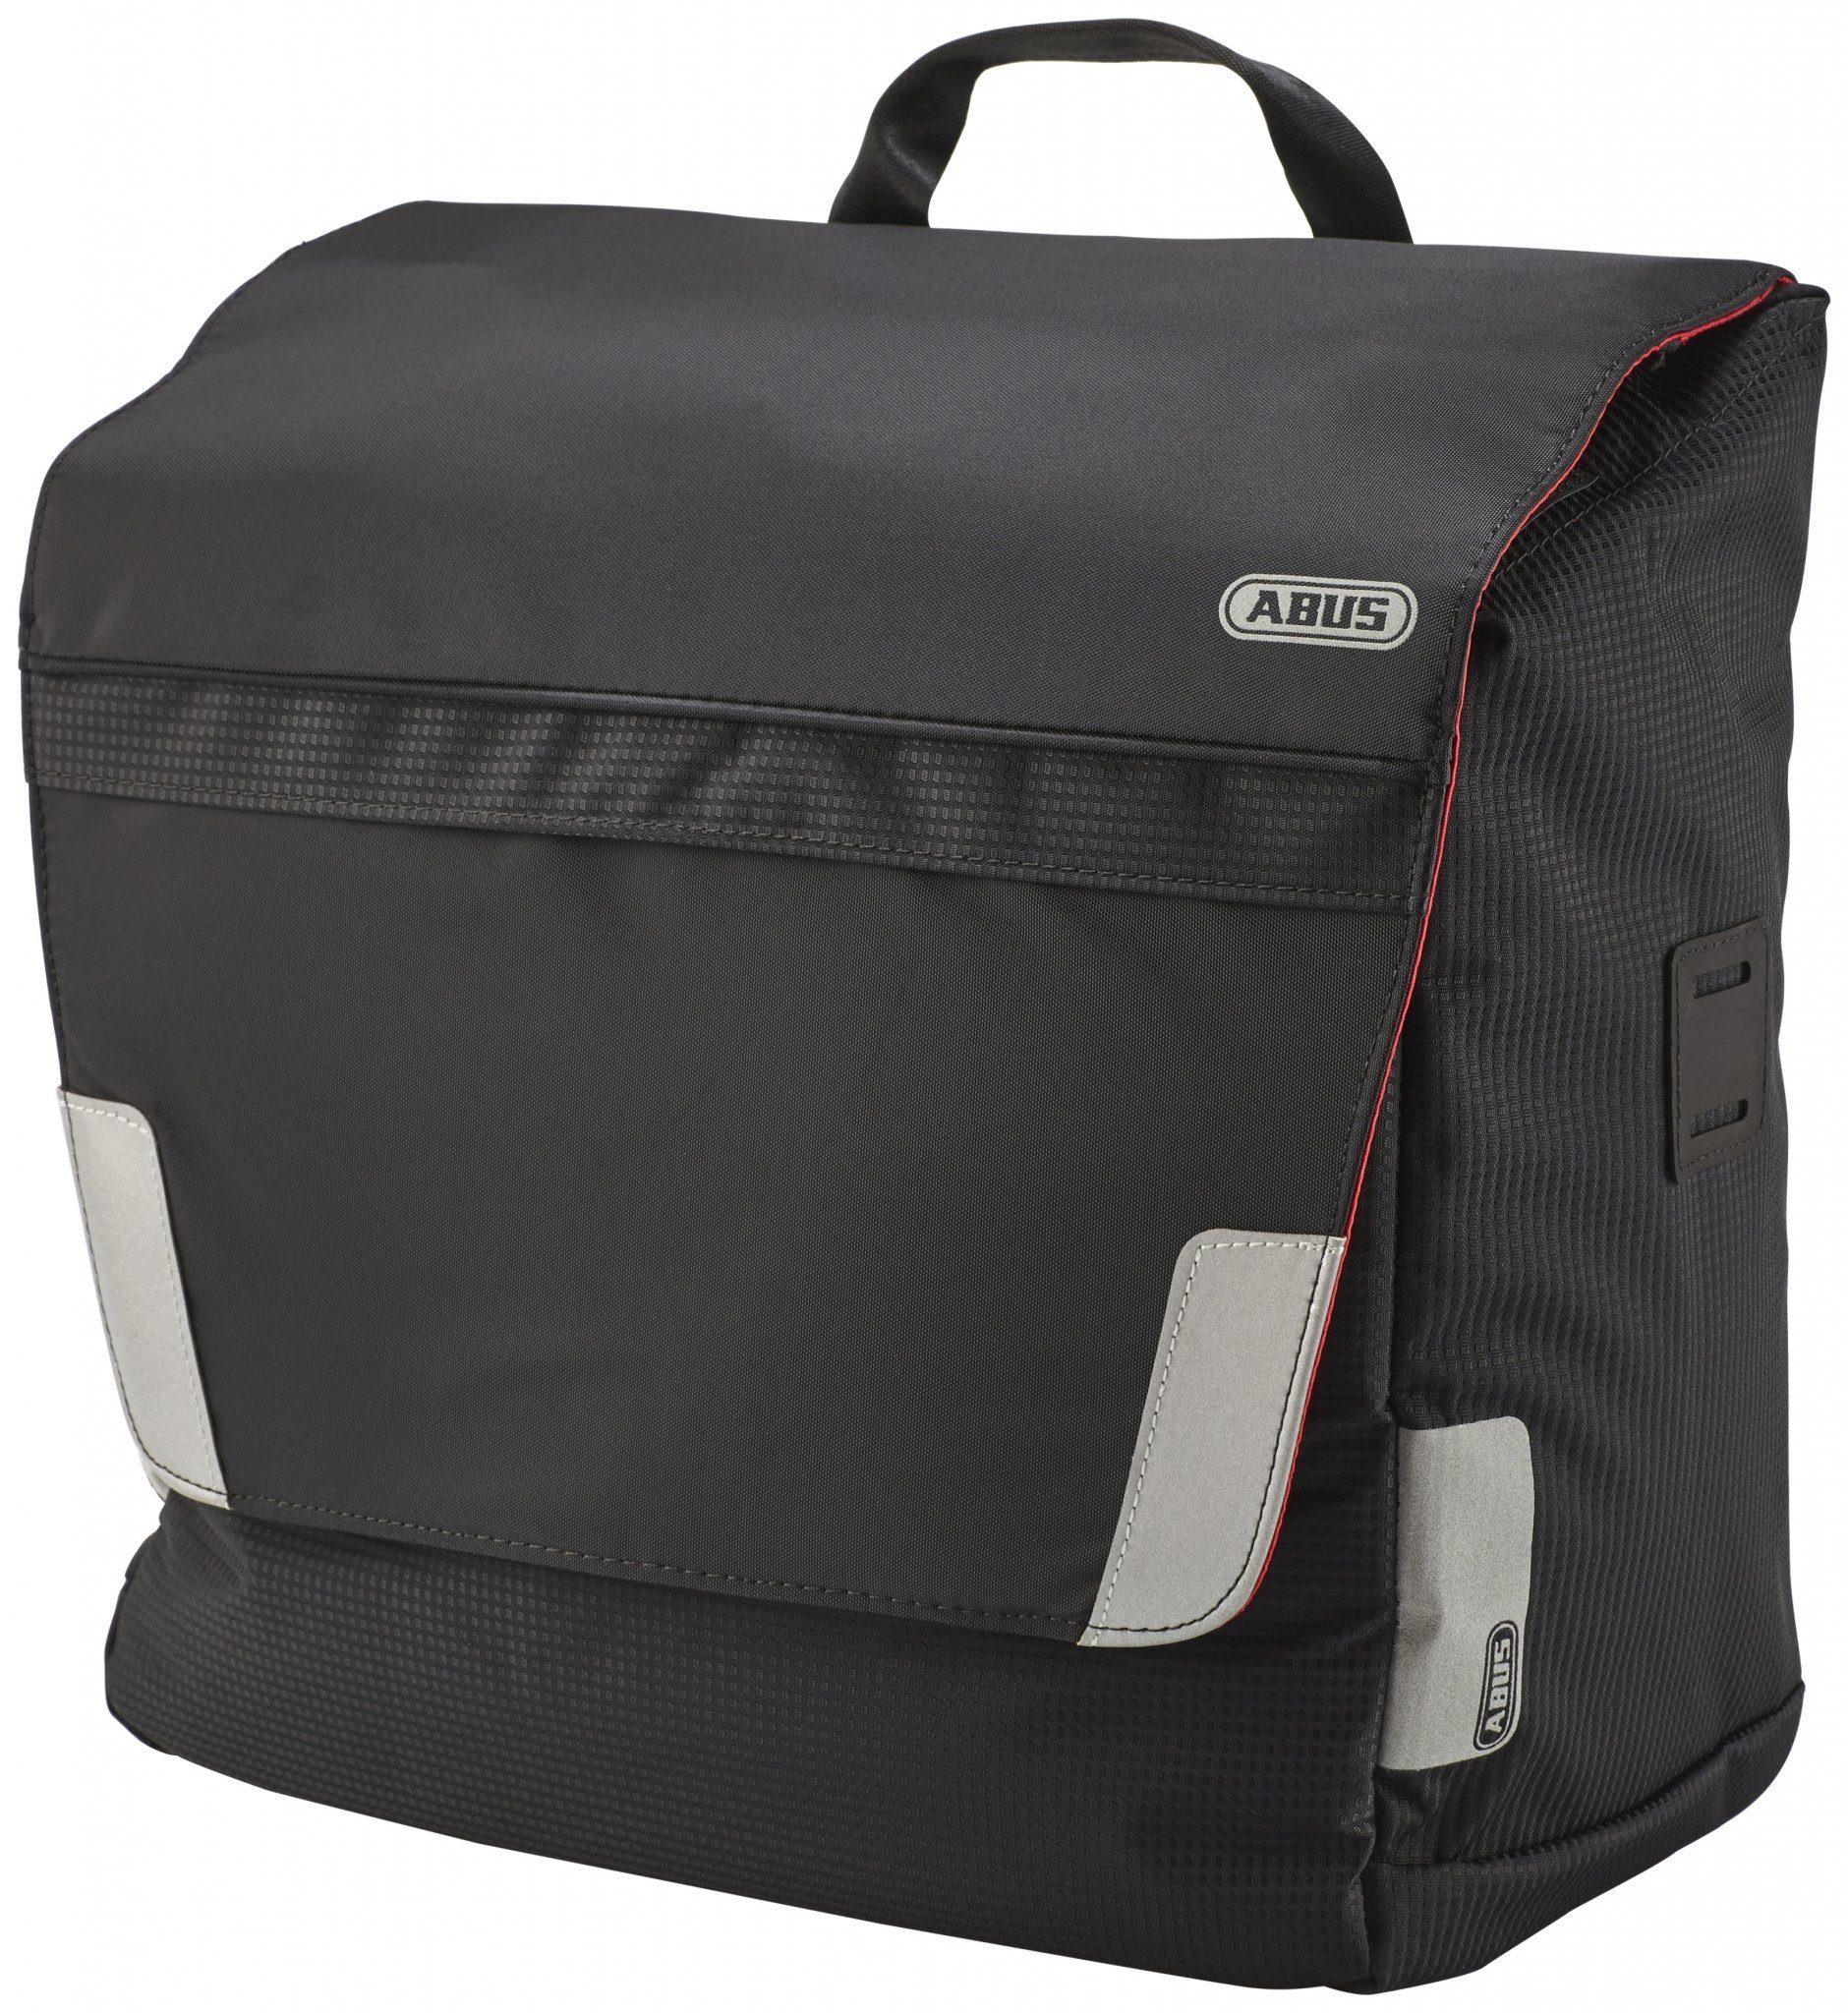 ABUS Gepäckträgertasche »Oryde ST 2500 Gepäckträgertasche XL«